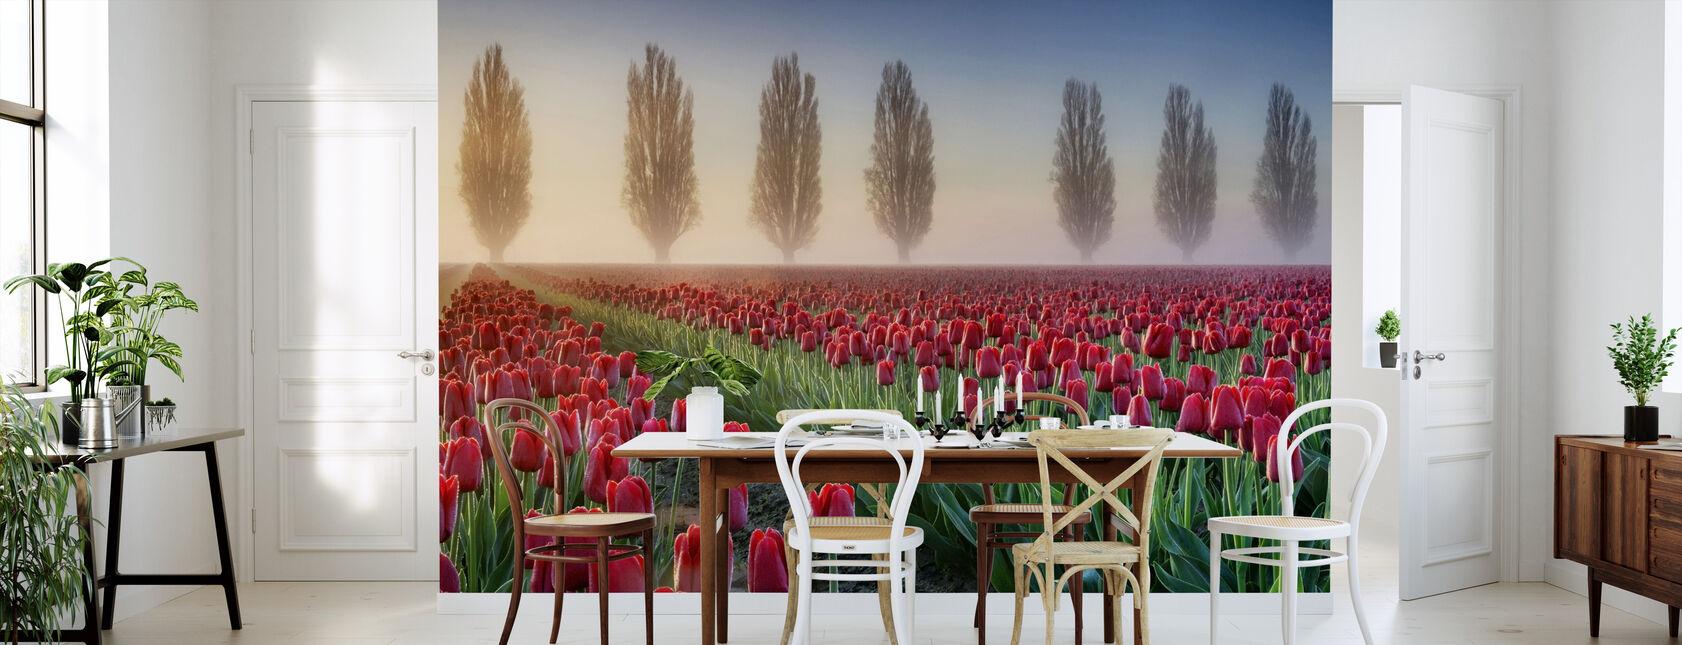 Misty Morning in Tulip Field - Wallpaper - Kitchen